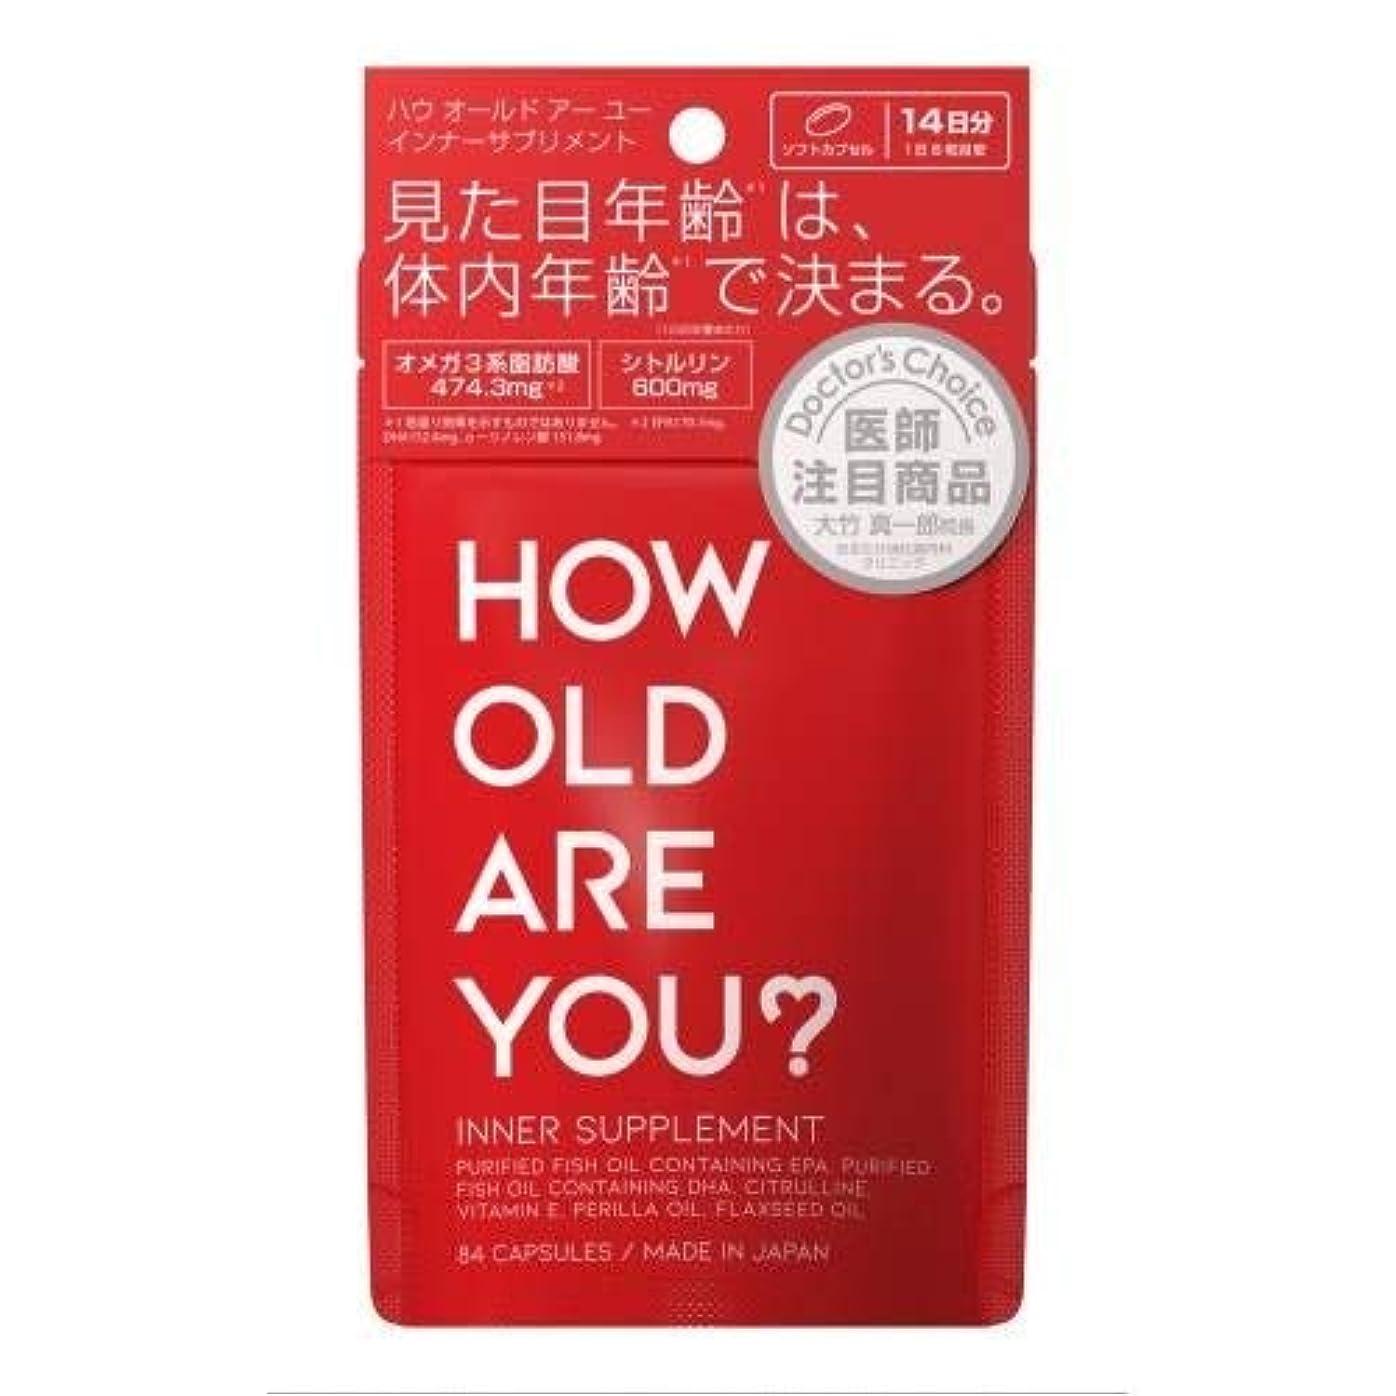 分数神社酒【4個セット】HOW OLD ARE YOU?インナーサプリメント 84粒